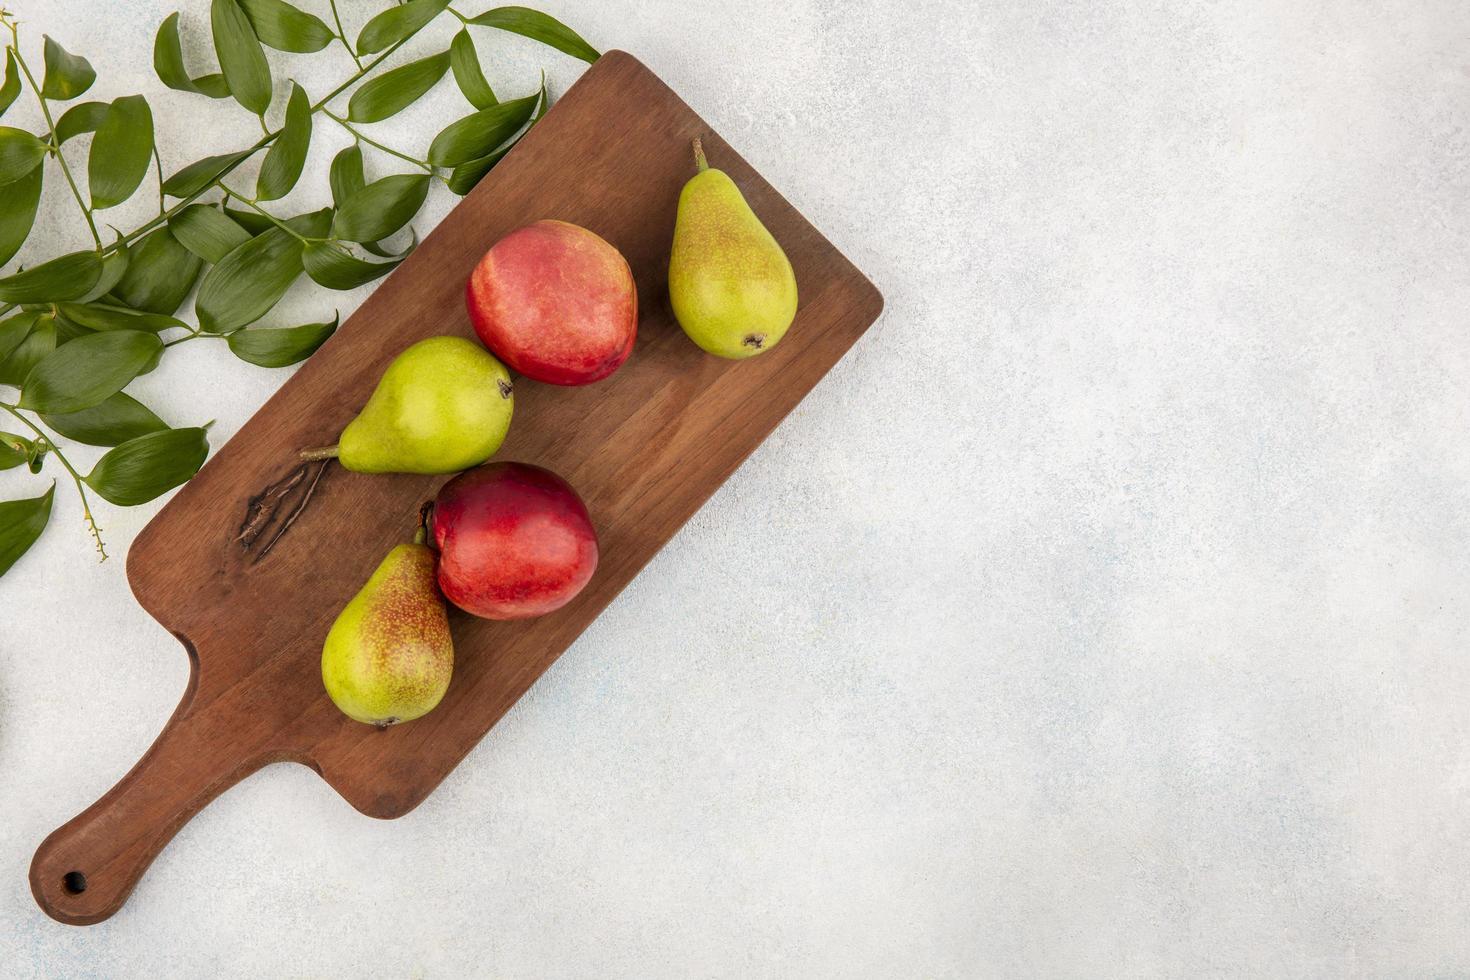 verschiedene Früchte auf Schneidebrett und neutralem Hintergrund foto